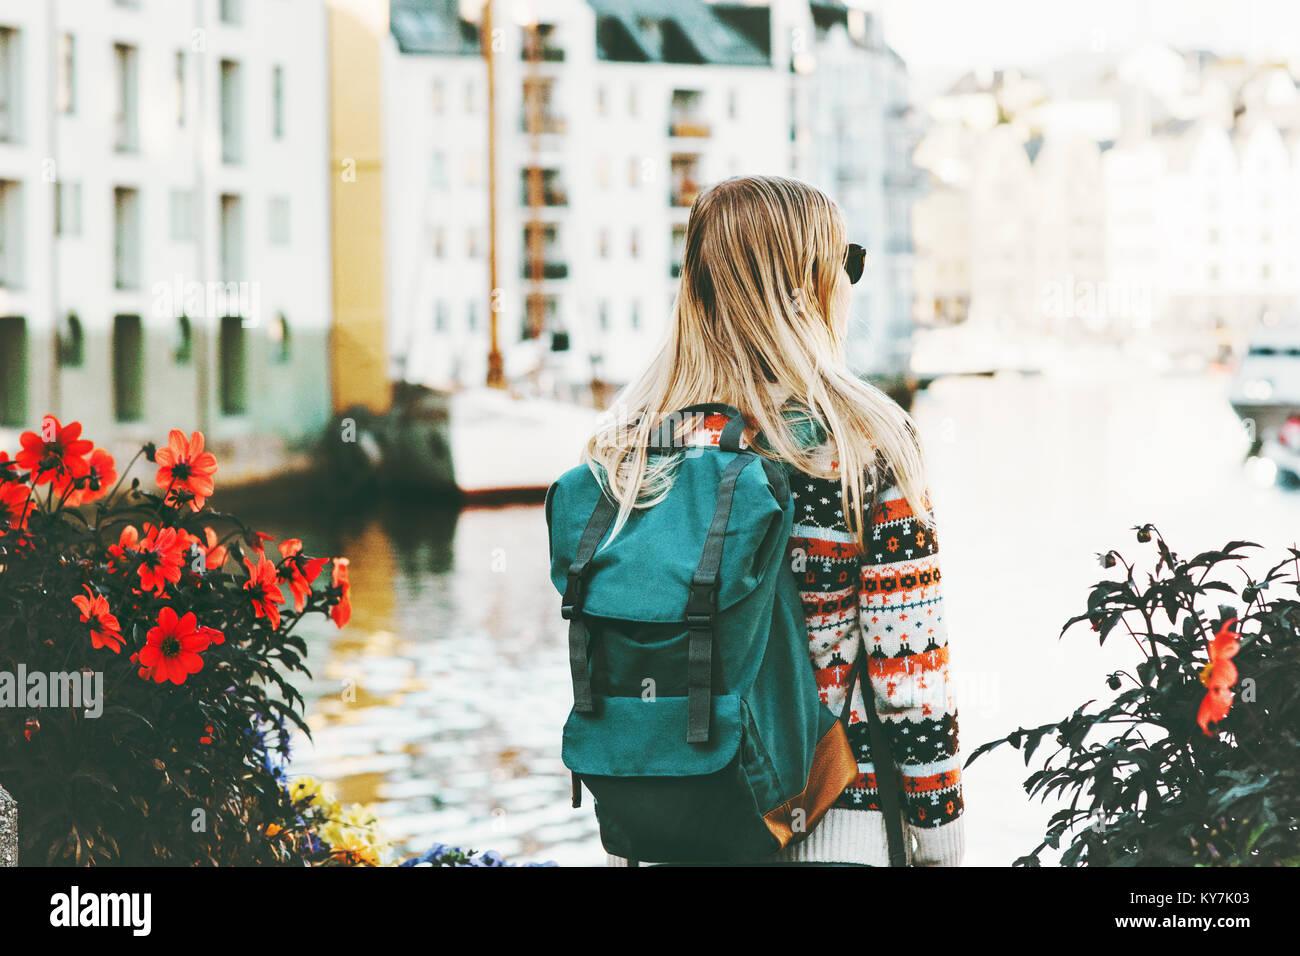 ee95bcd21b Femme avec sac à dos de randonnée en Norvège vacances ville Voyage de fin  de vie en plein air de la mode